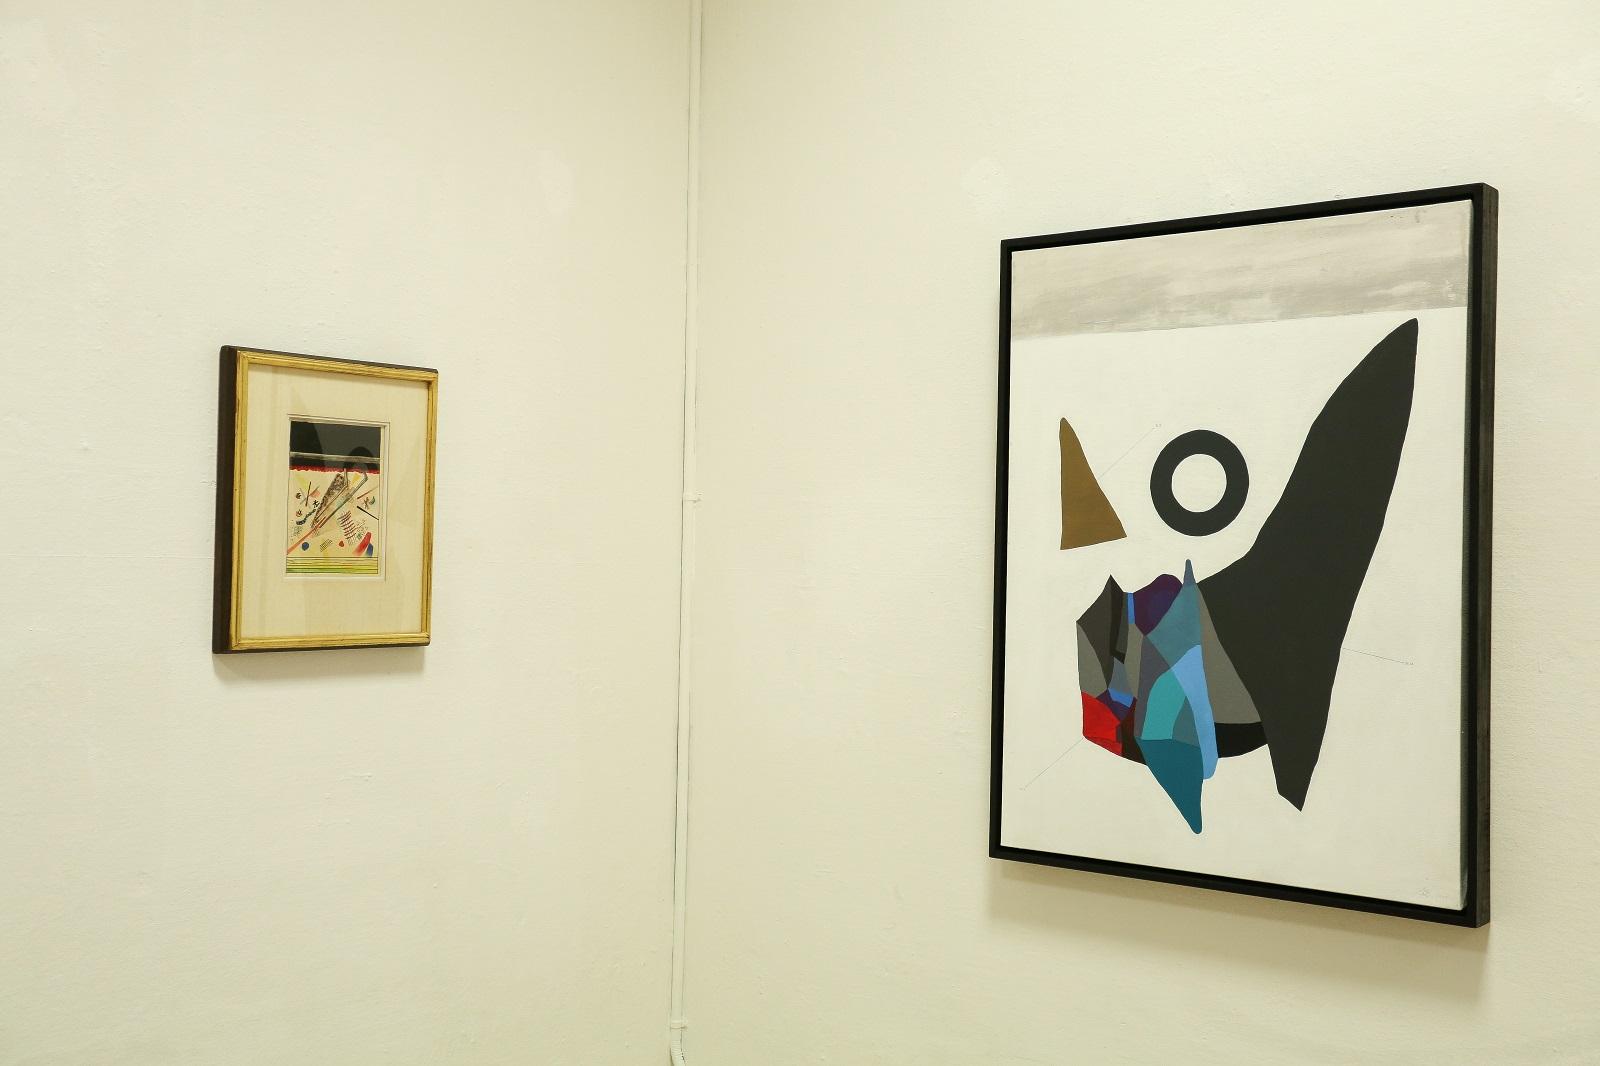 108-la-forma-e-lignoto-at-ego-gallery-recap-03